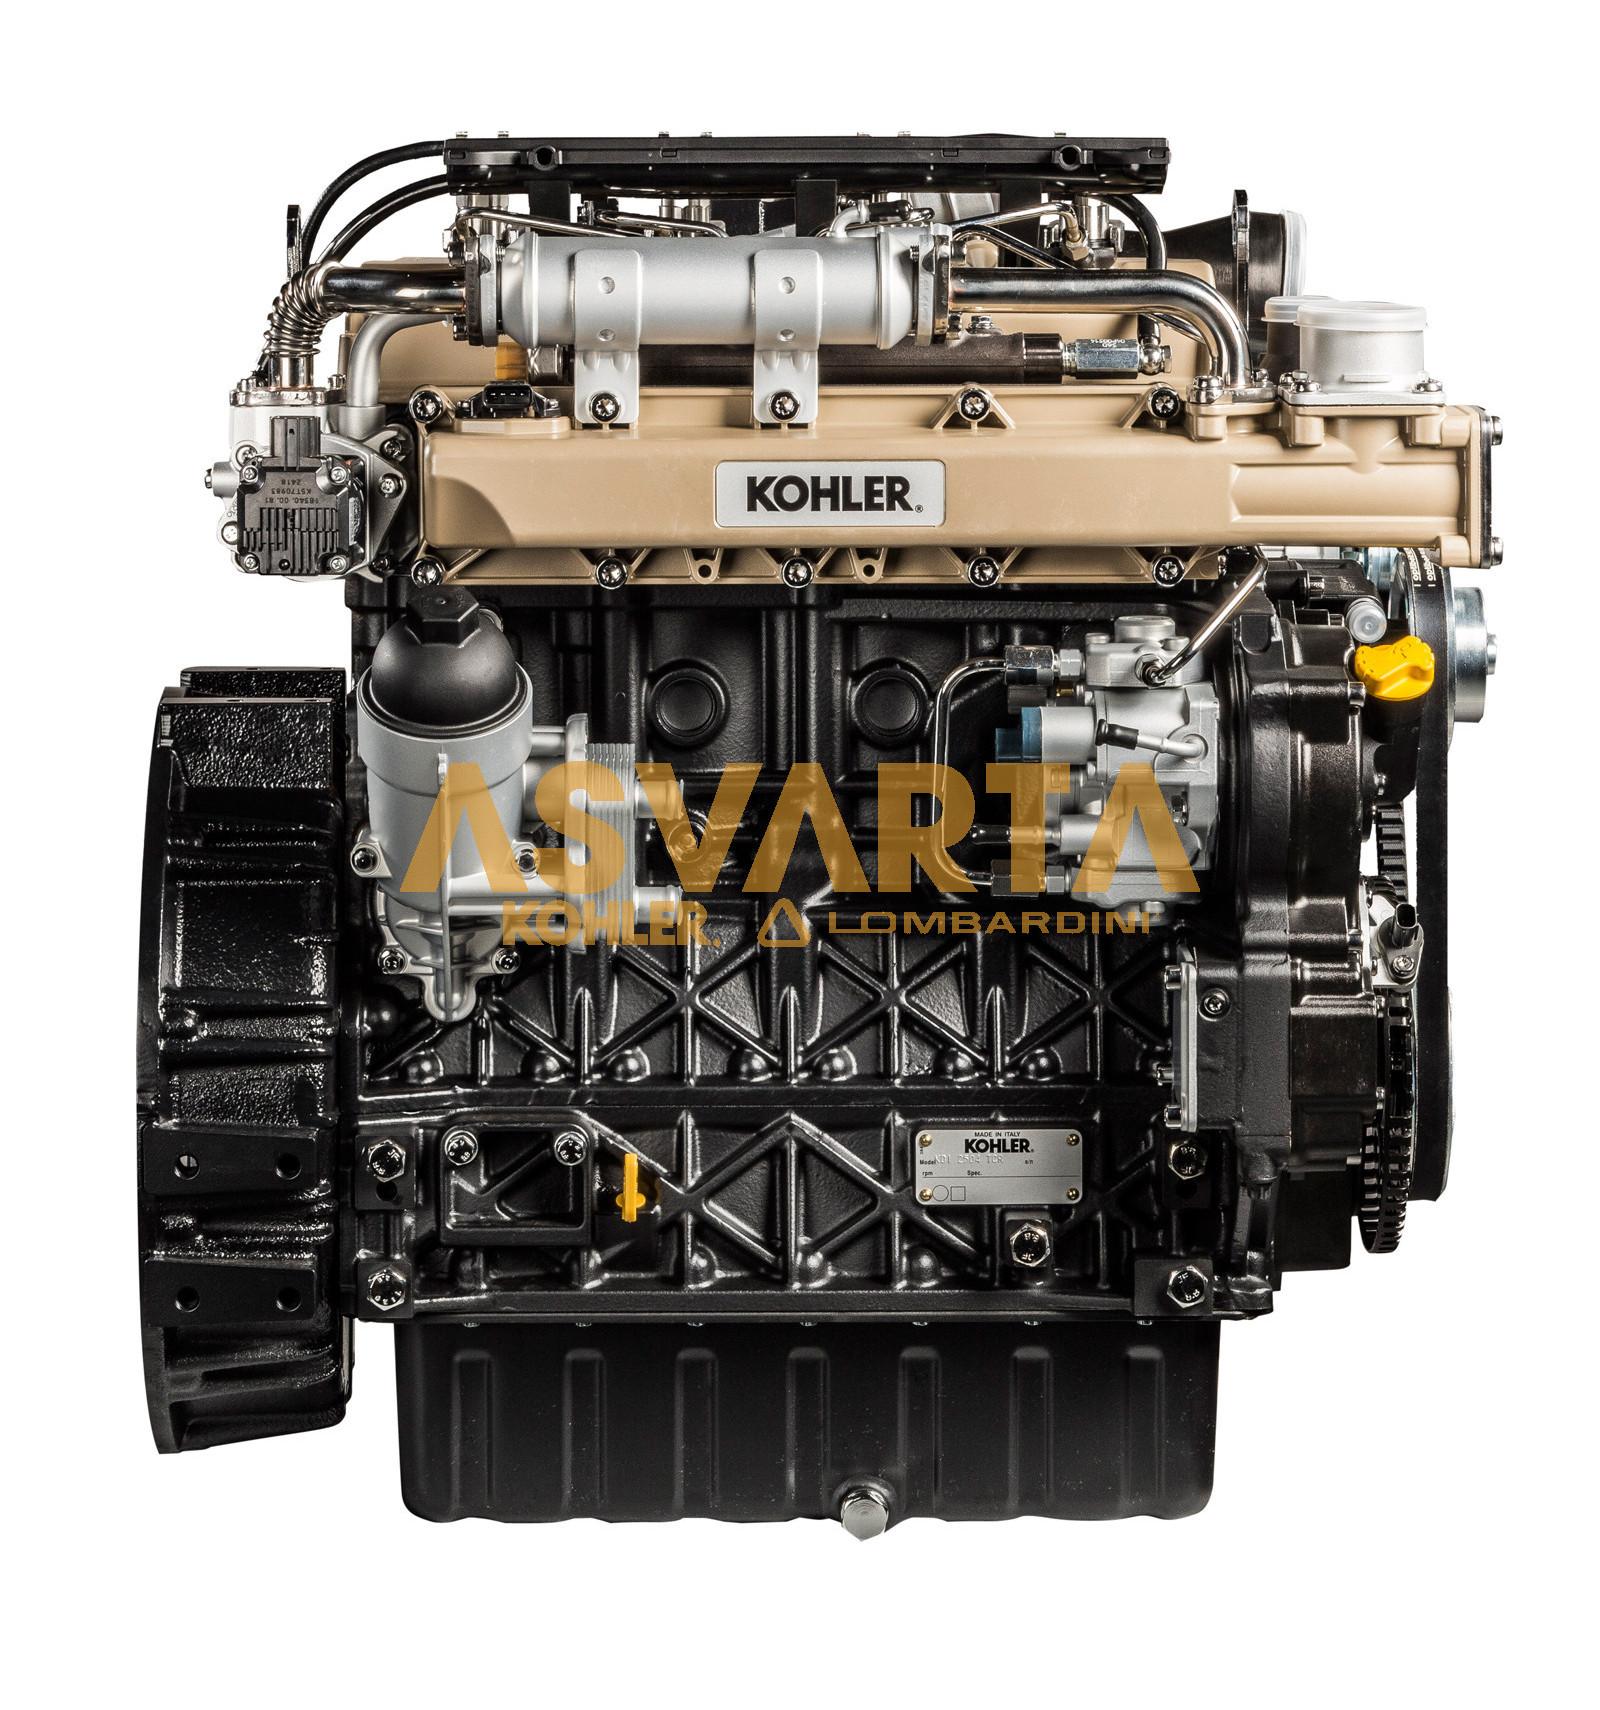 Engine Kohler KDI 2504 Diesel